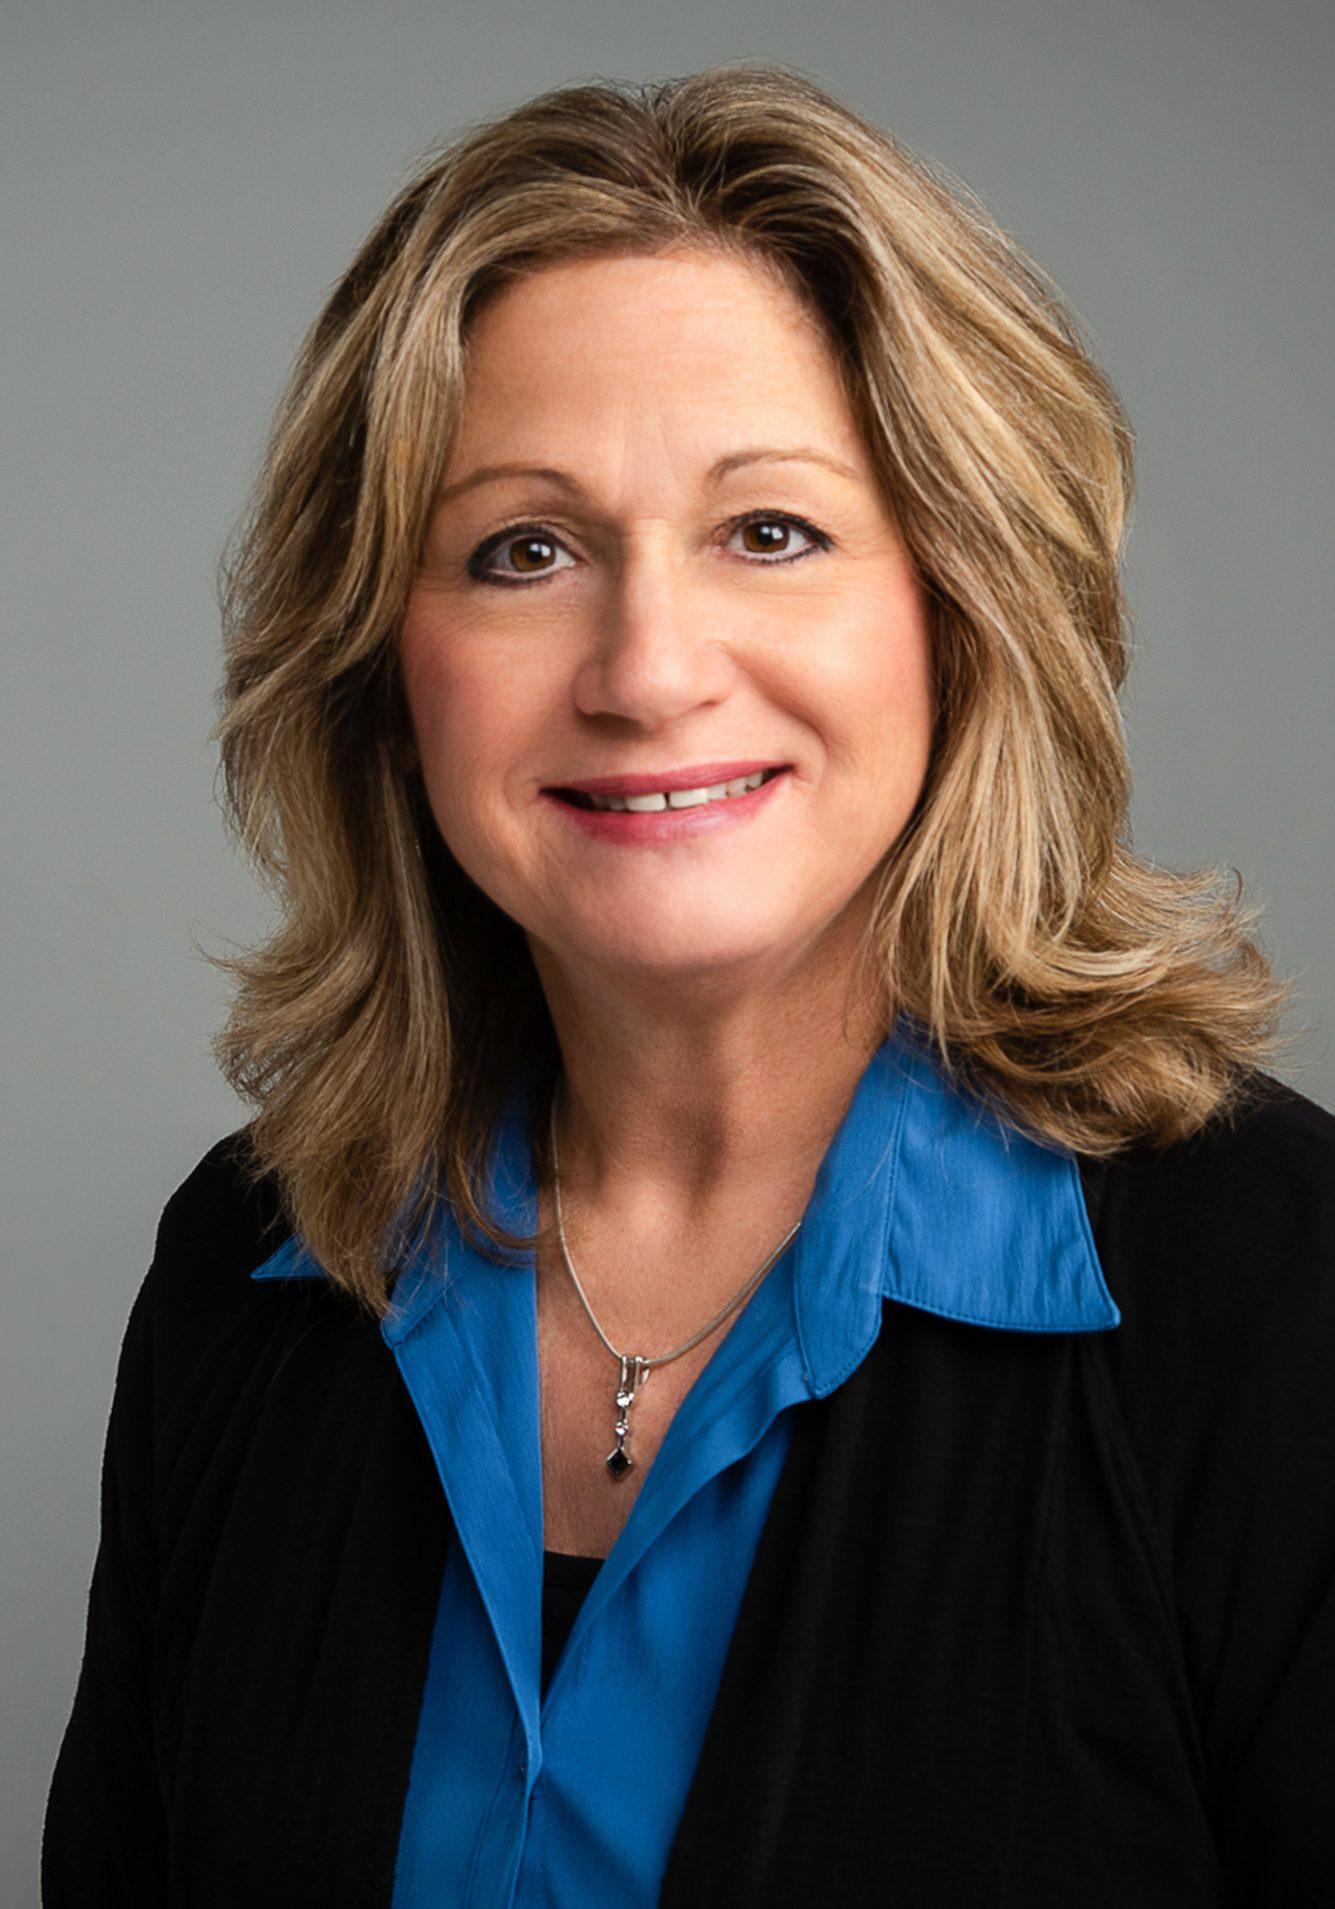 Mary Ann Pashko